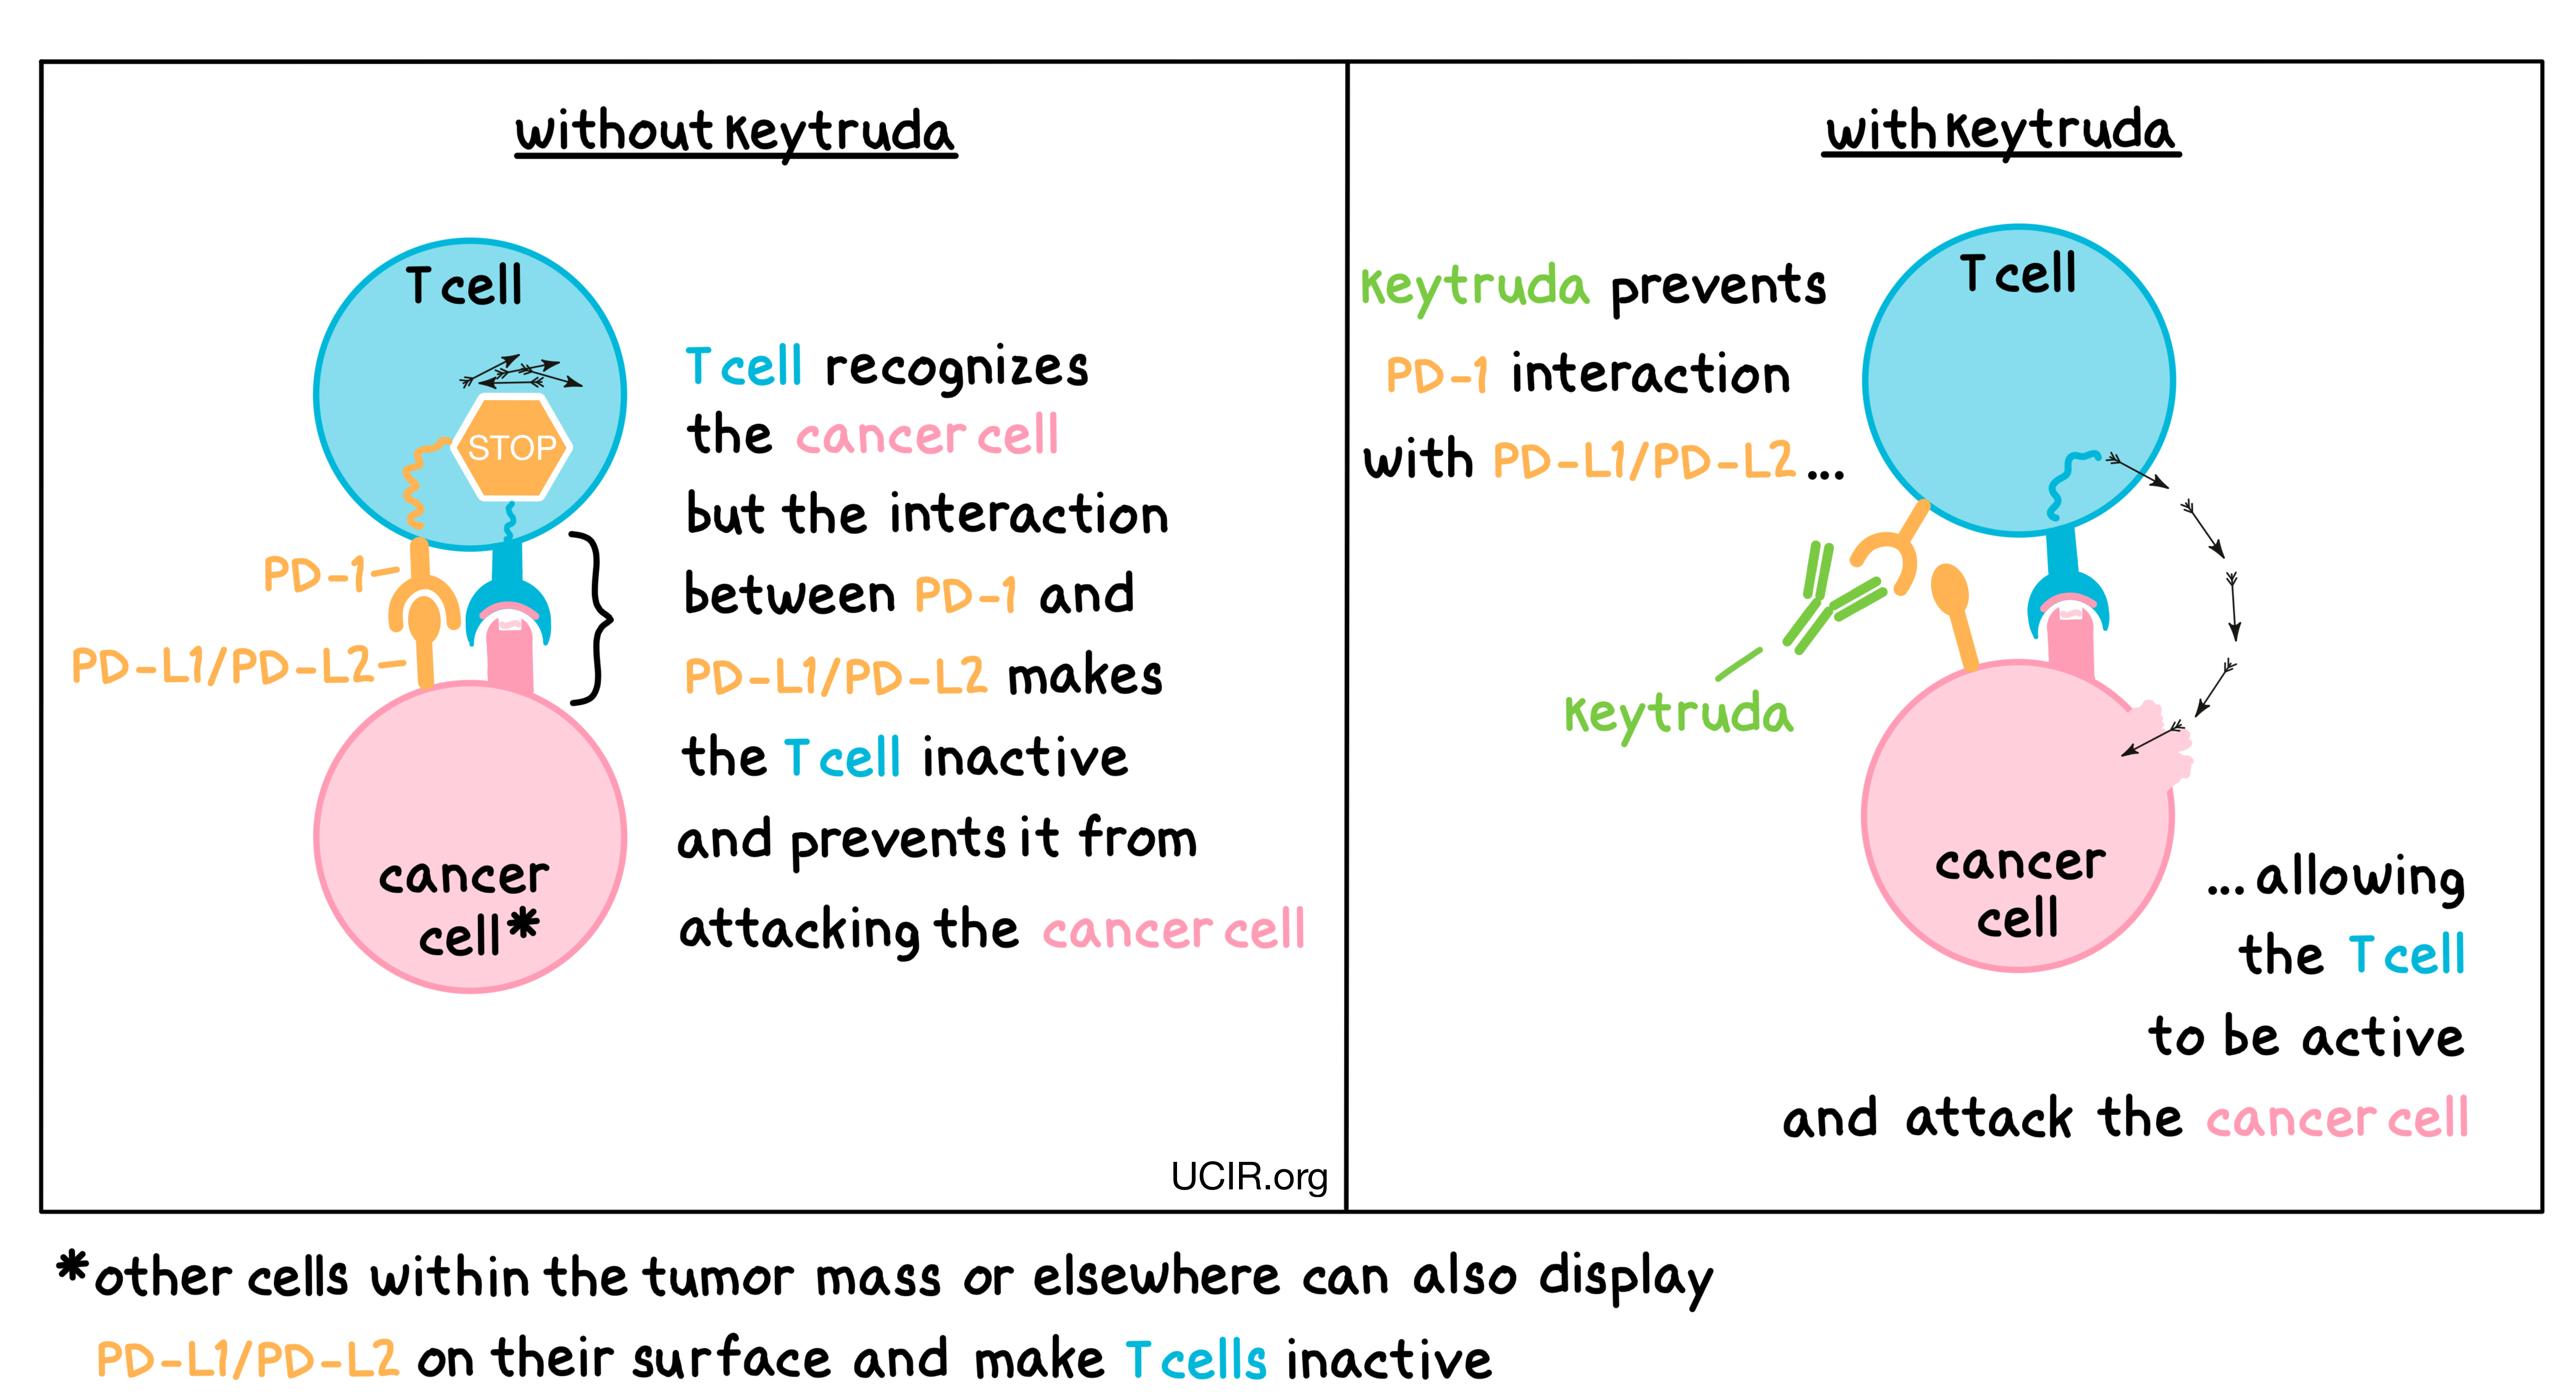 Illustration that shows how Keytruda works